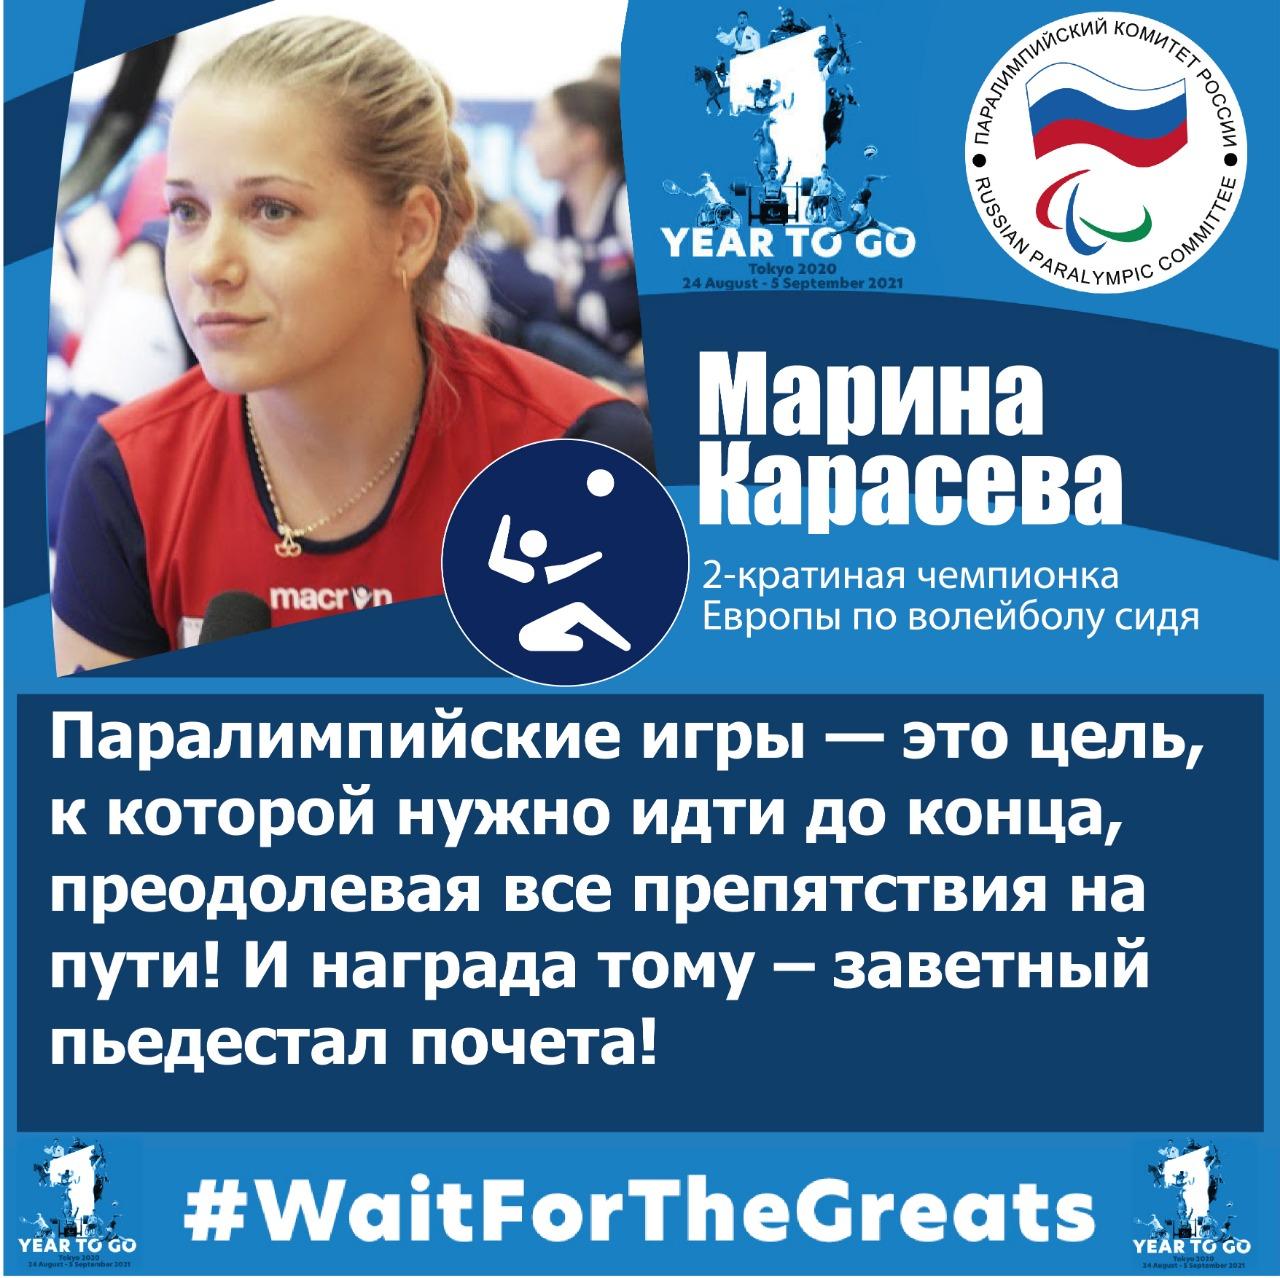 М. Карасева: «Паралимпийские игры — это цель, к которой нужно идти до конца, преодолевая все препятствия на пути! И награда тому – заветный пьедестал почета!»